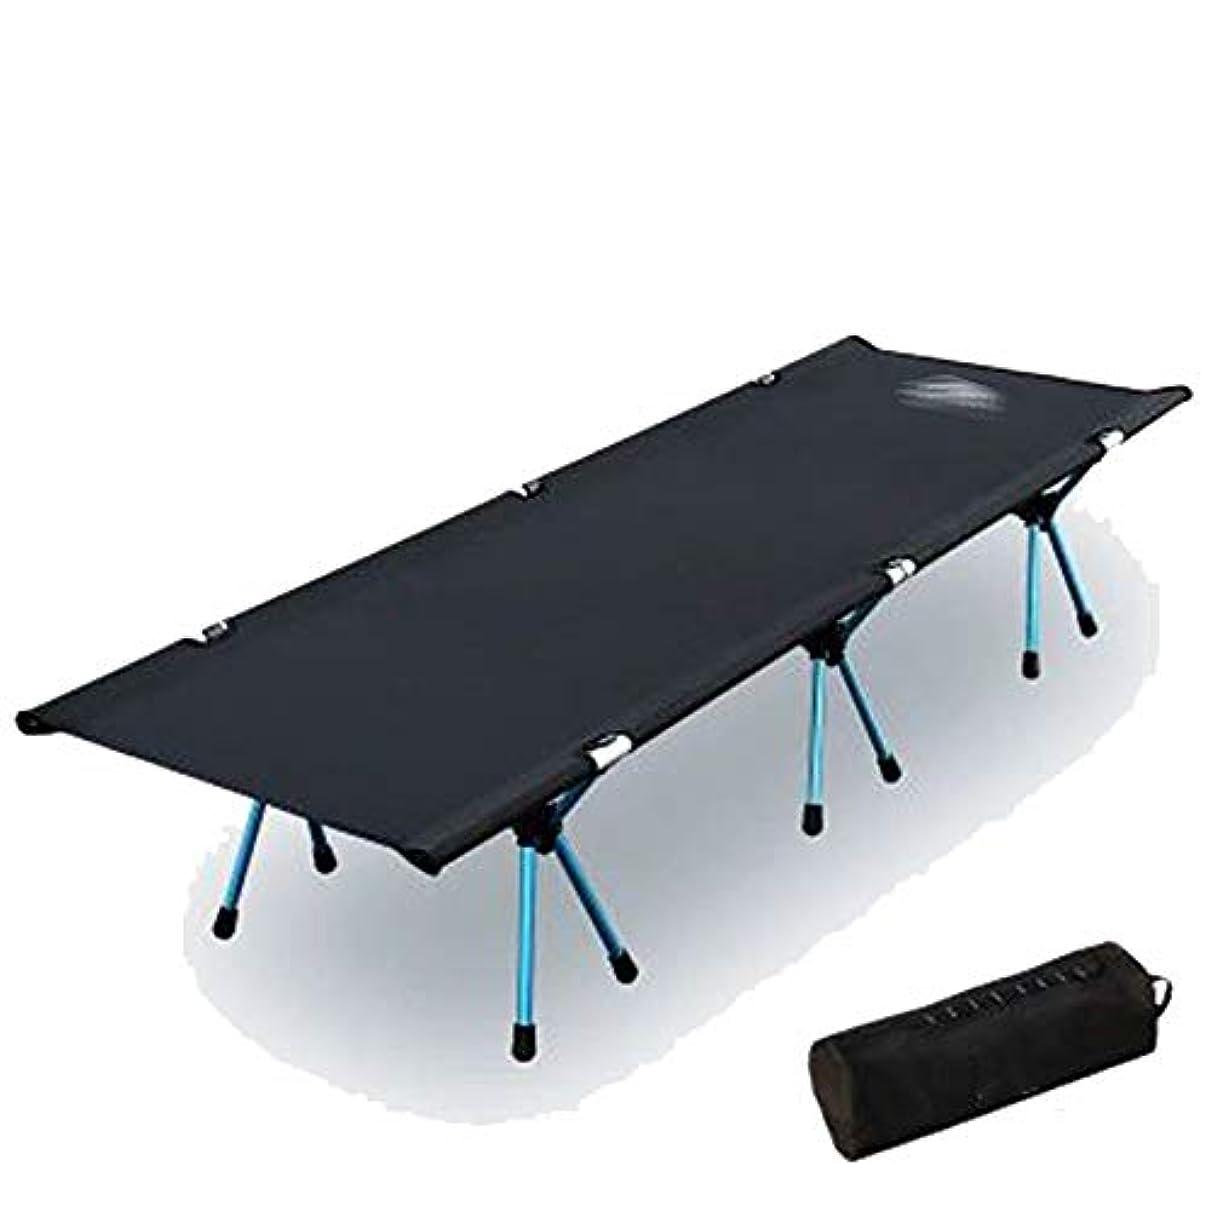 考古学的な成功する阻害する屋外軽量キャンプベッドアルミ折りたたみベッド屋外ポータブルシンプルシングルベッド   ホーム仮眠ベッド (Color : Black)